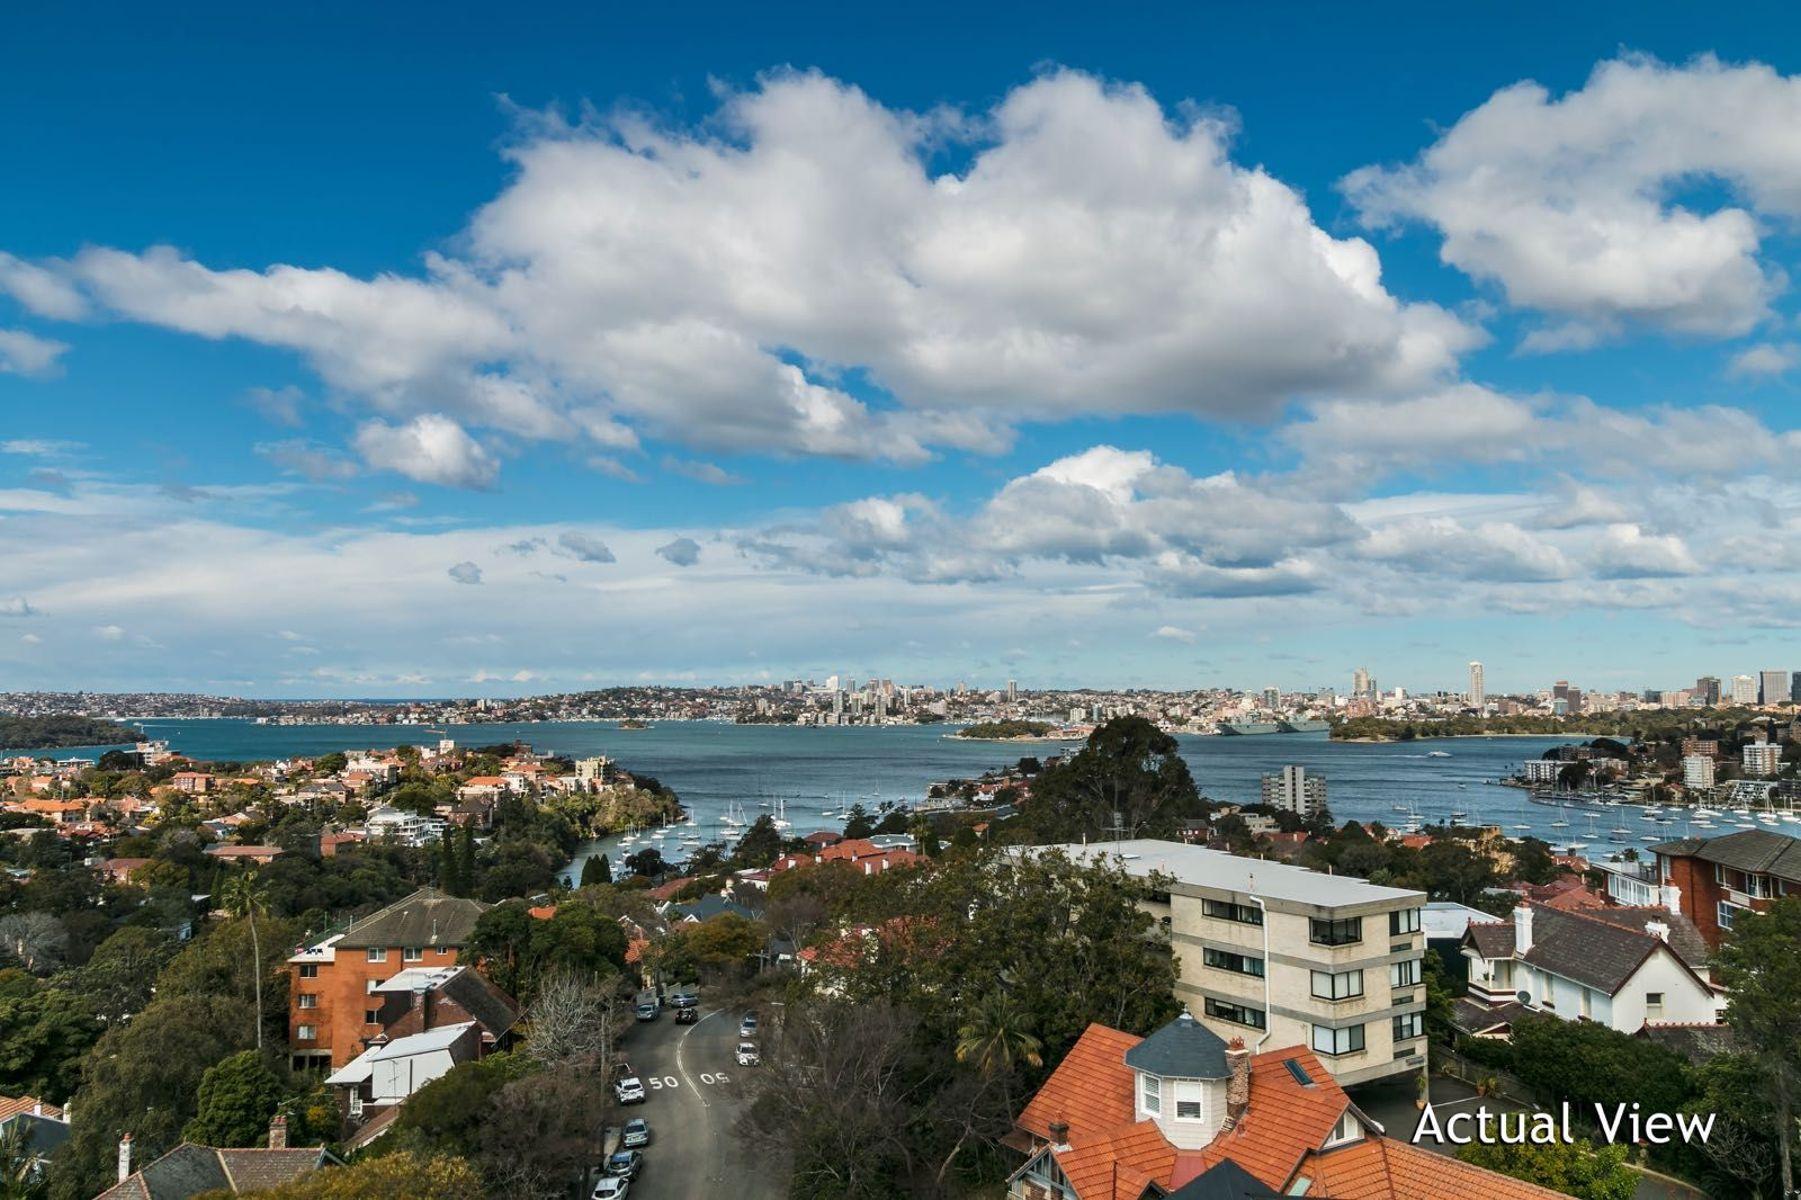 82/88 Wycombe Road, Neutral Bay, NSW 2089